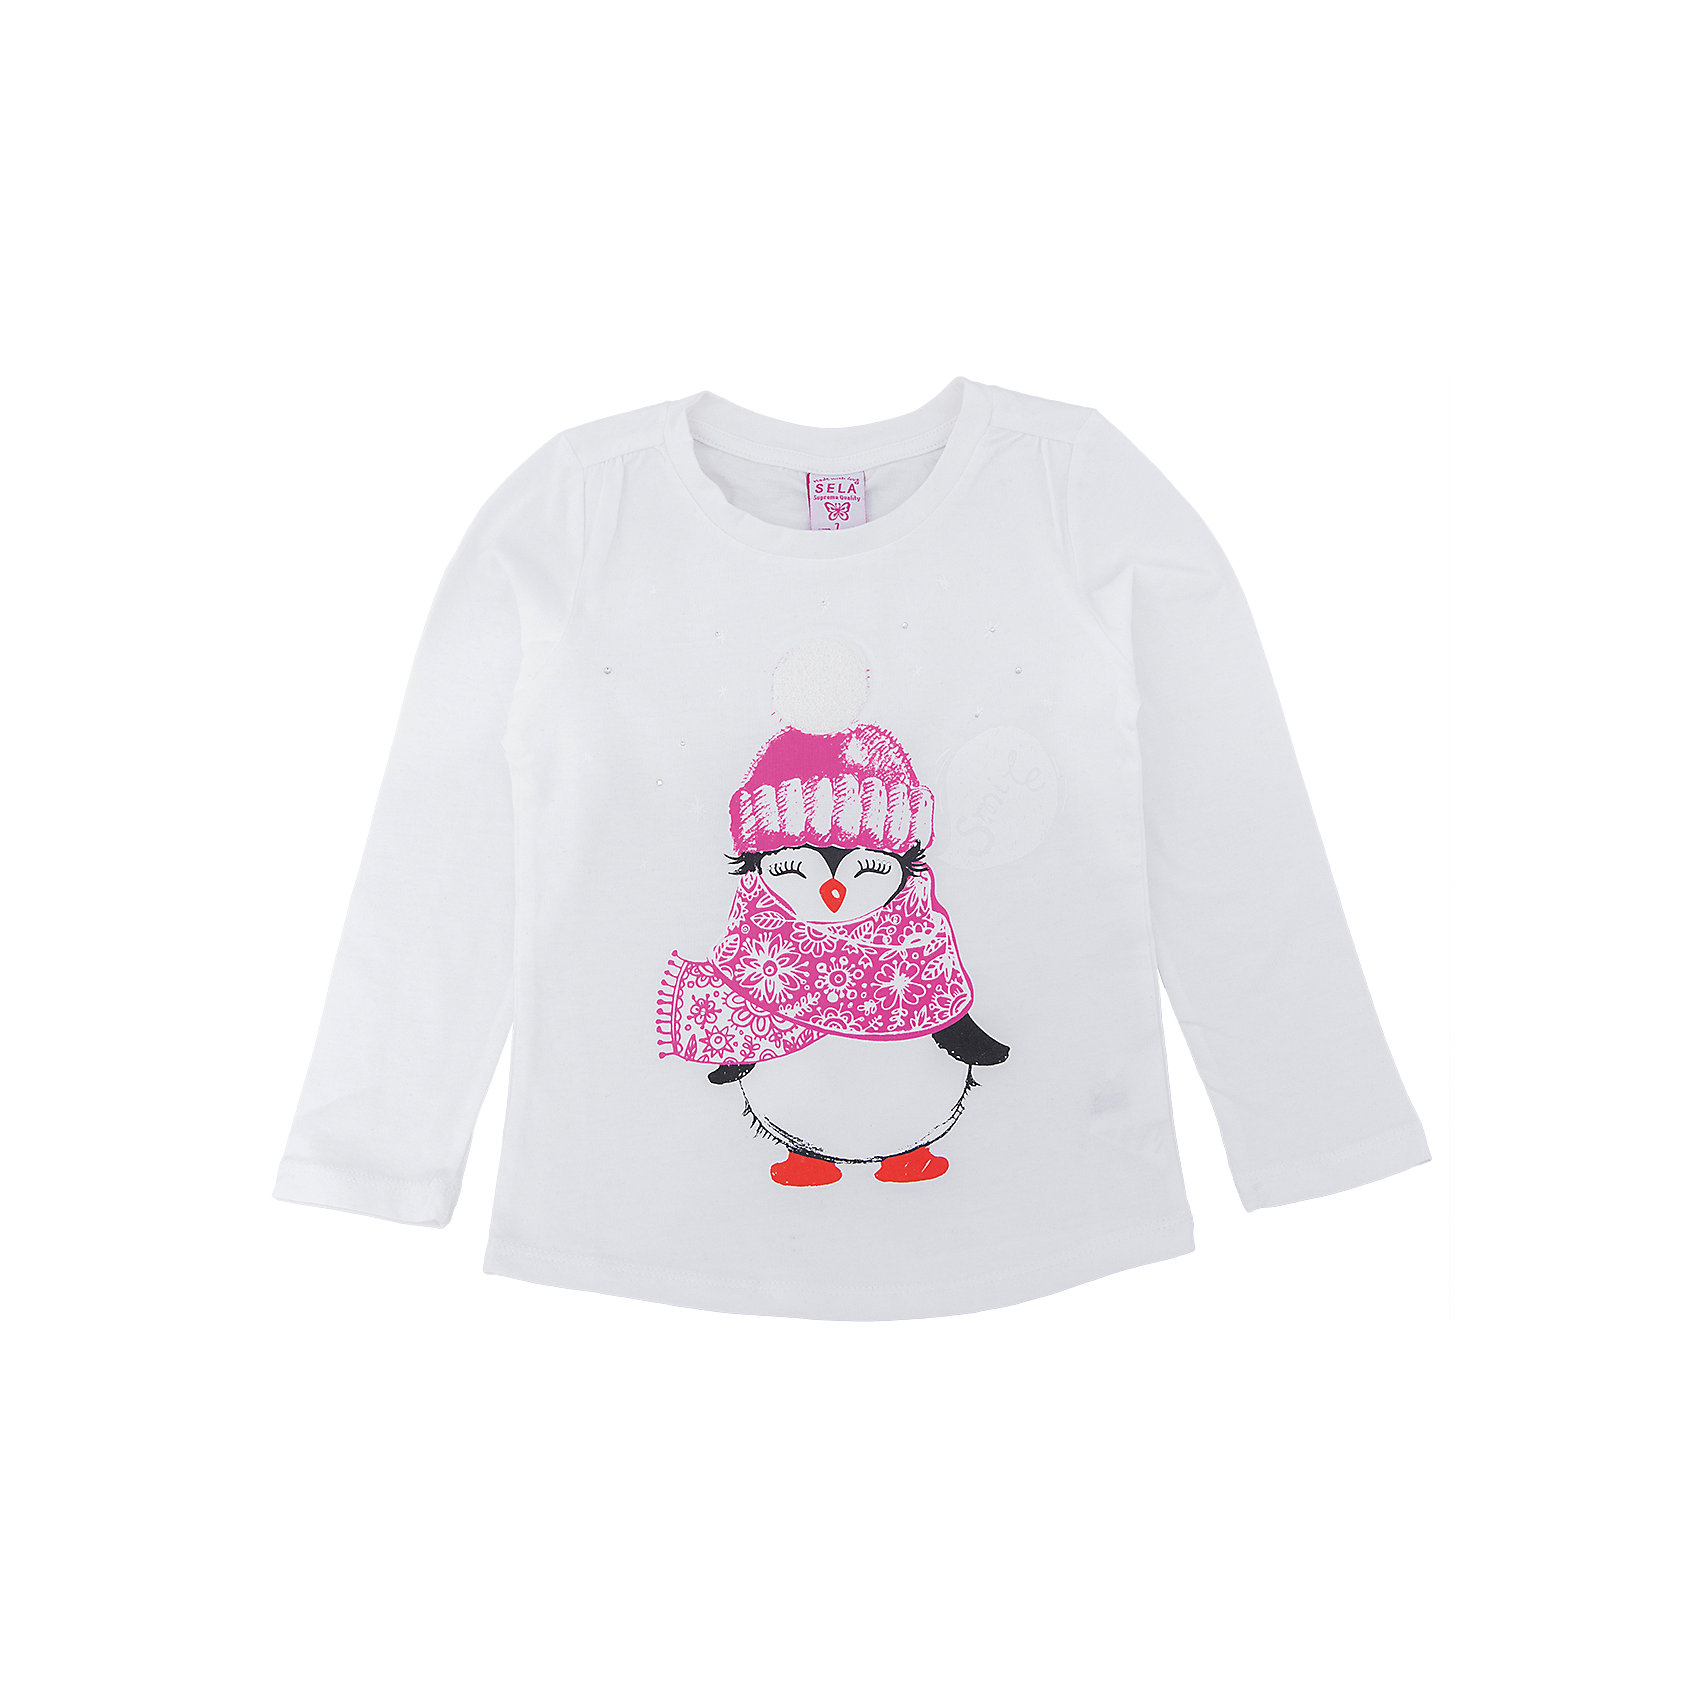 Футболка с длинным рукавом для девочки SELAФутболки с длинным рукавом<br>Стильная футболка - незаменимая вещь в прохладное время года. Эта модель отлично сидит на ребенке, она сделана из приятного на ощупь материала, мягкая и дышащая. Натуральный хлопок в составе ткани не вызывает аллергии и обеспечивает ребенку комфорт. Модель станет отличной базовой вещью, которая будет уместна в различных сочетаниях.<br>Одежда от бренда Sela (Села) - это качество по приемлемым ценам. Многие российские родители уже оценили преимущества продукции этой компании и всё чаще приобретают одежду и аксессуары Sela.<br><br>Дополнительная информация:<br><br>материал: 100 % хлопок;<br>длинный рукав;<br>украшен принтом.<br><br>Футболку для девочки от бренда Sela можно купить в нашем интернет-магазине.<br><br>Ширина мм: 190<br>Глубина мм: 74<br>Высота мм: 229<br>Вес г: 236<br>Цвет: белый<br>Возраст от месяцев: 60<br>Возраст до месяцев: 72<br>Пол: Женский<br>Возраст: Детский<br>Размер: 116,92,98,104,110<br>SKU: 5020355